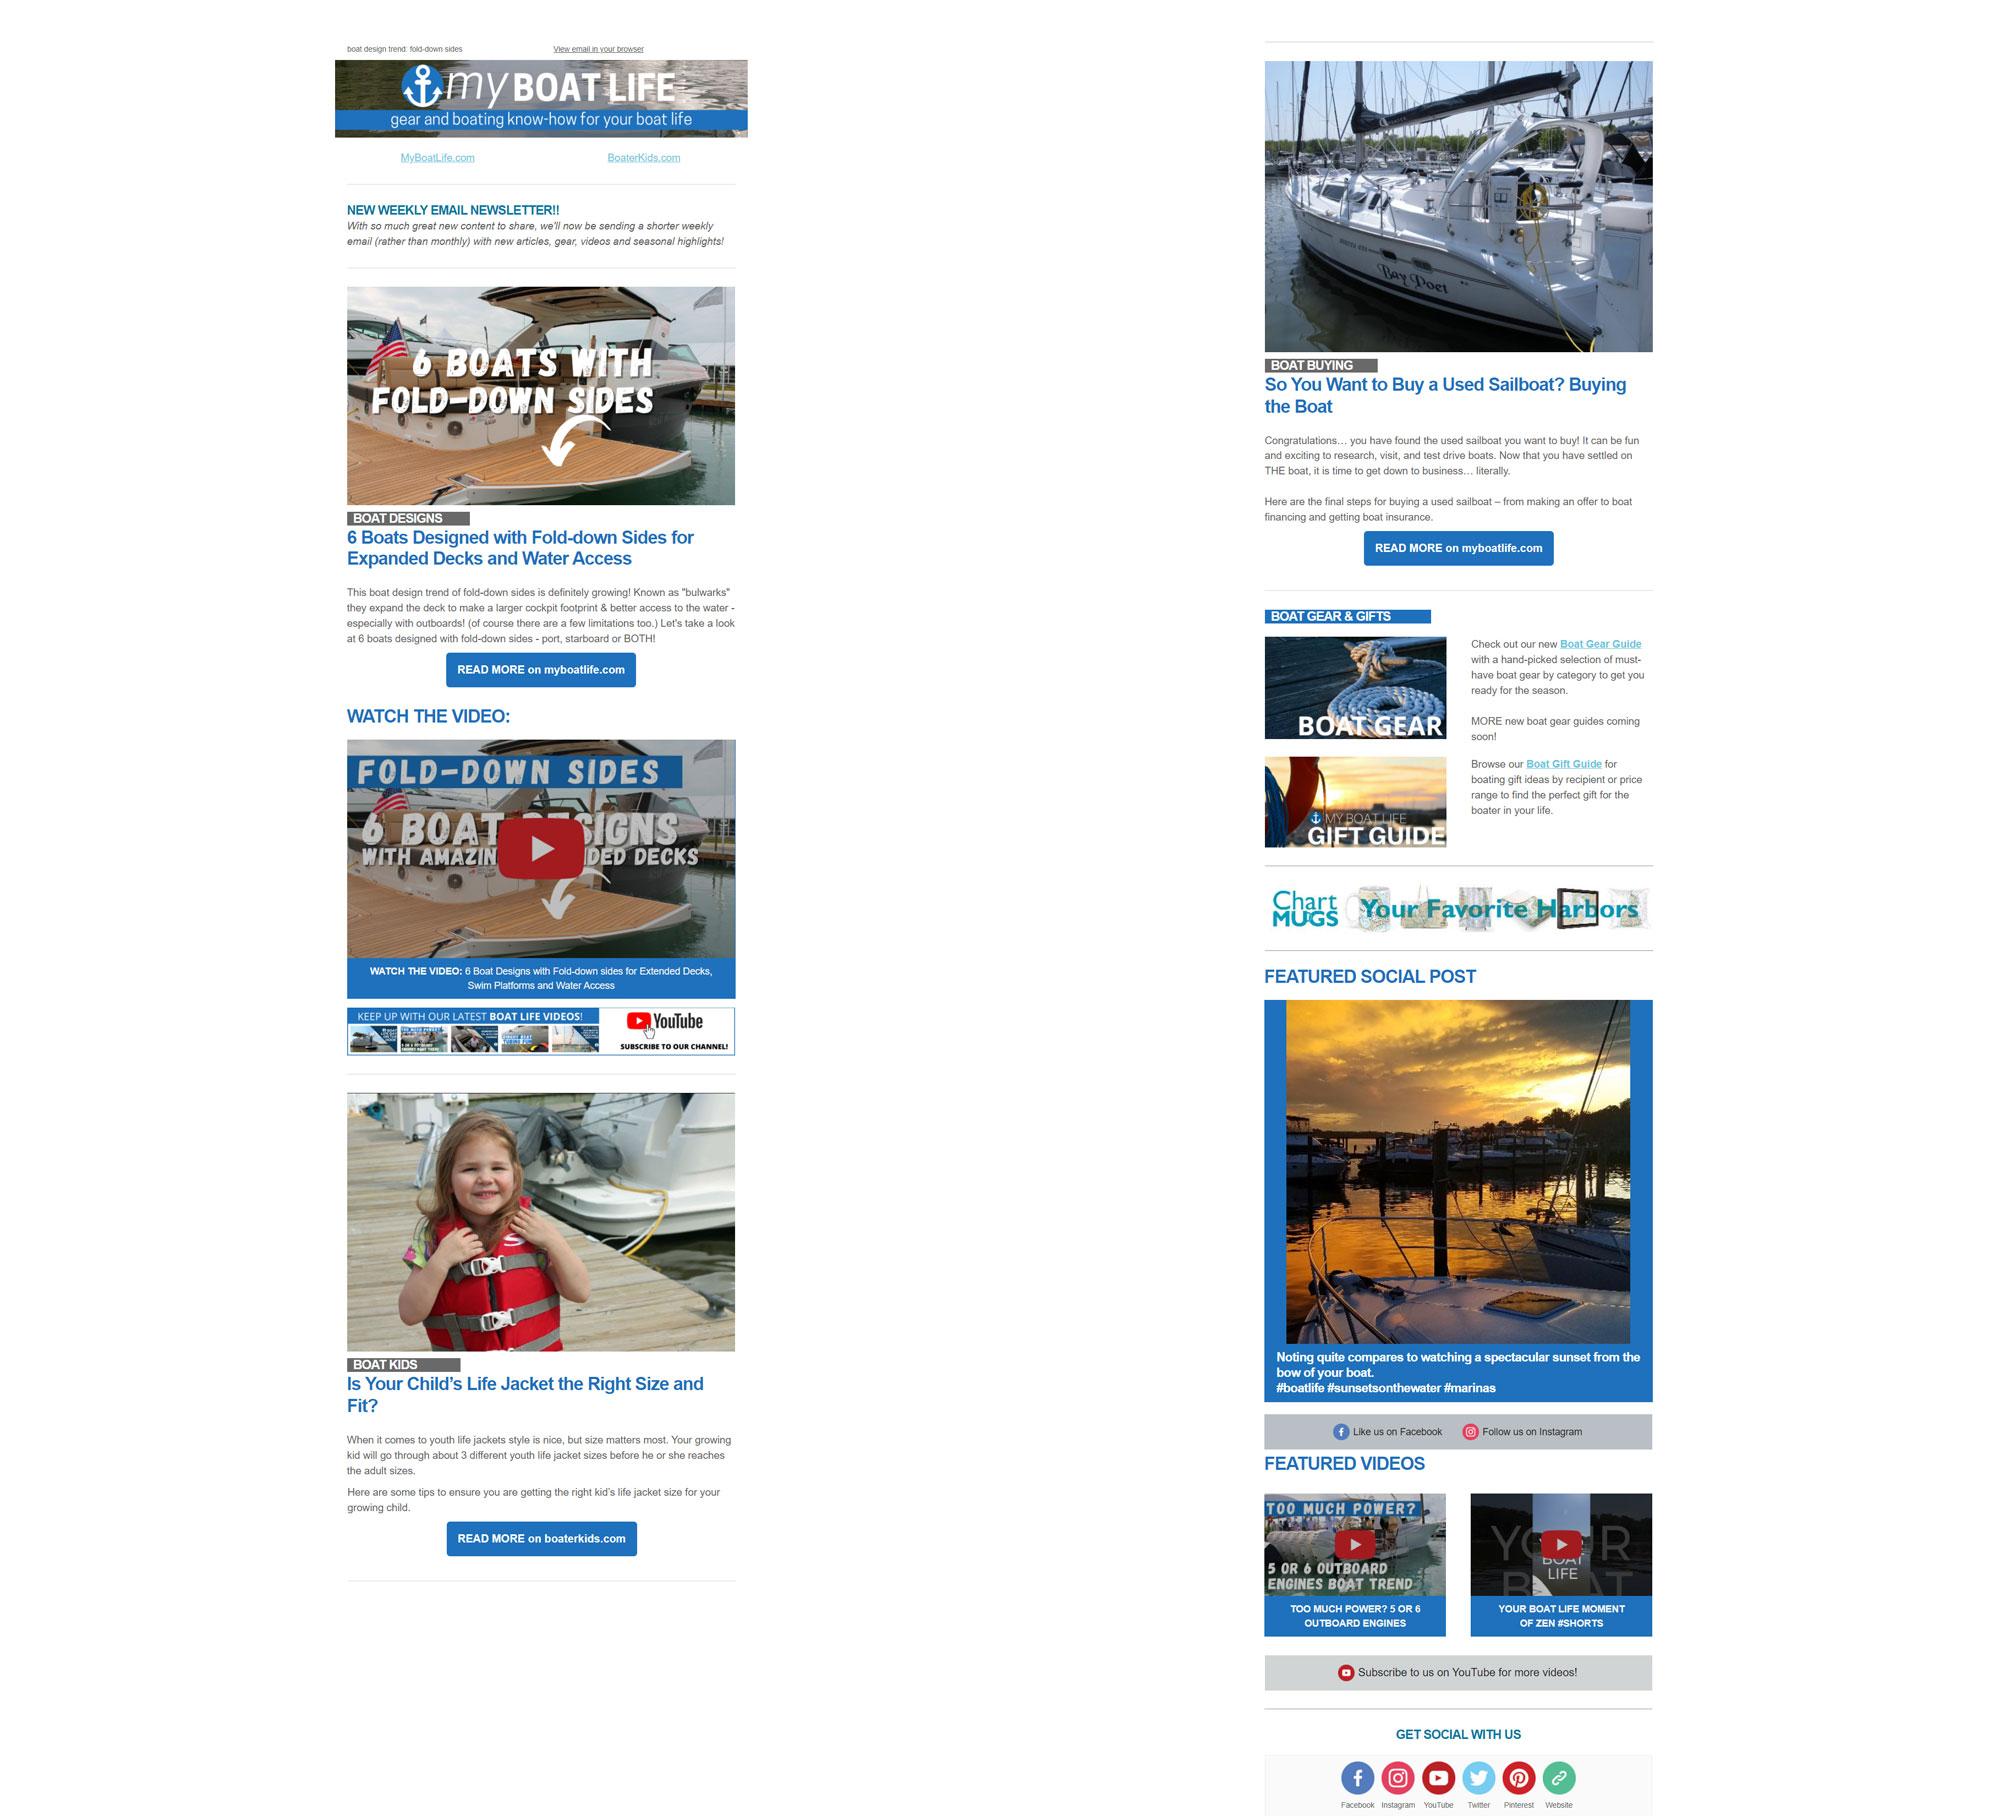 myboatlife email marketing